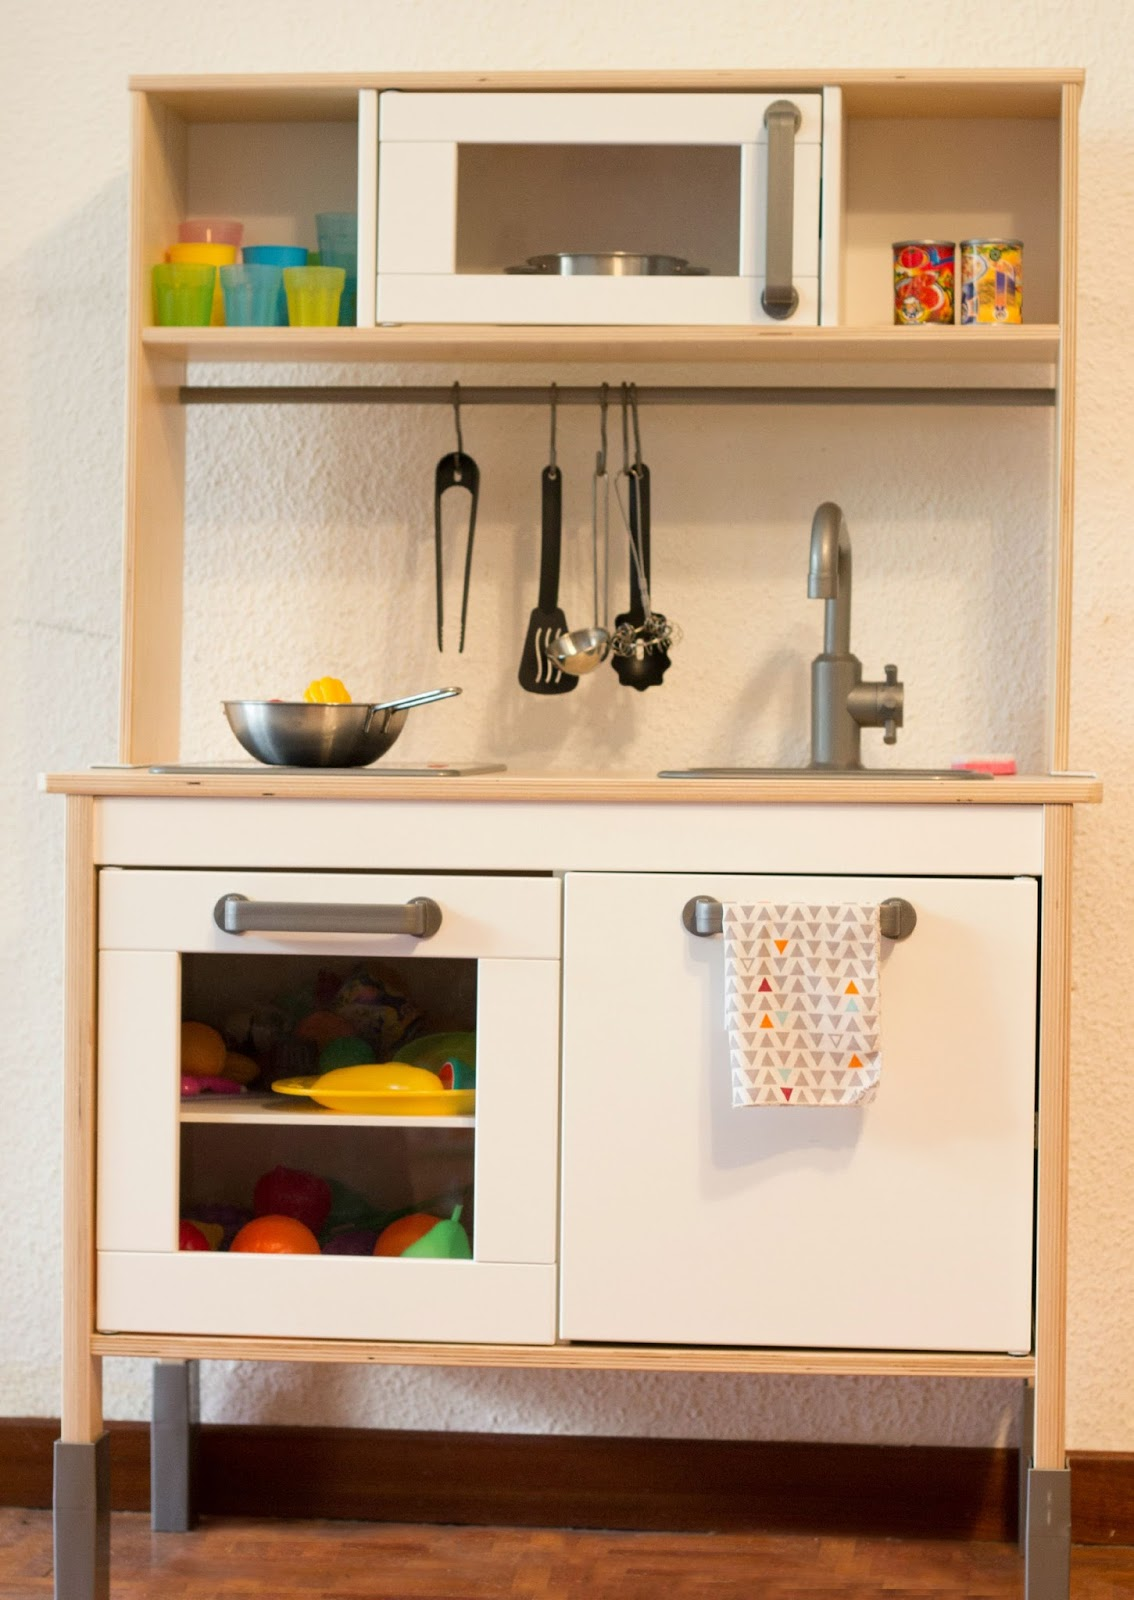 Ikea Cocina Niños | Cocina Cocina Ikea Ninos Segunda Mano Galeria De Fotos De